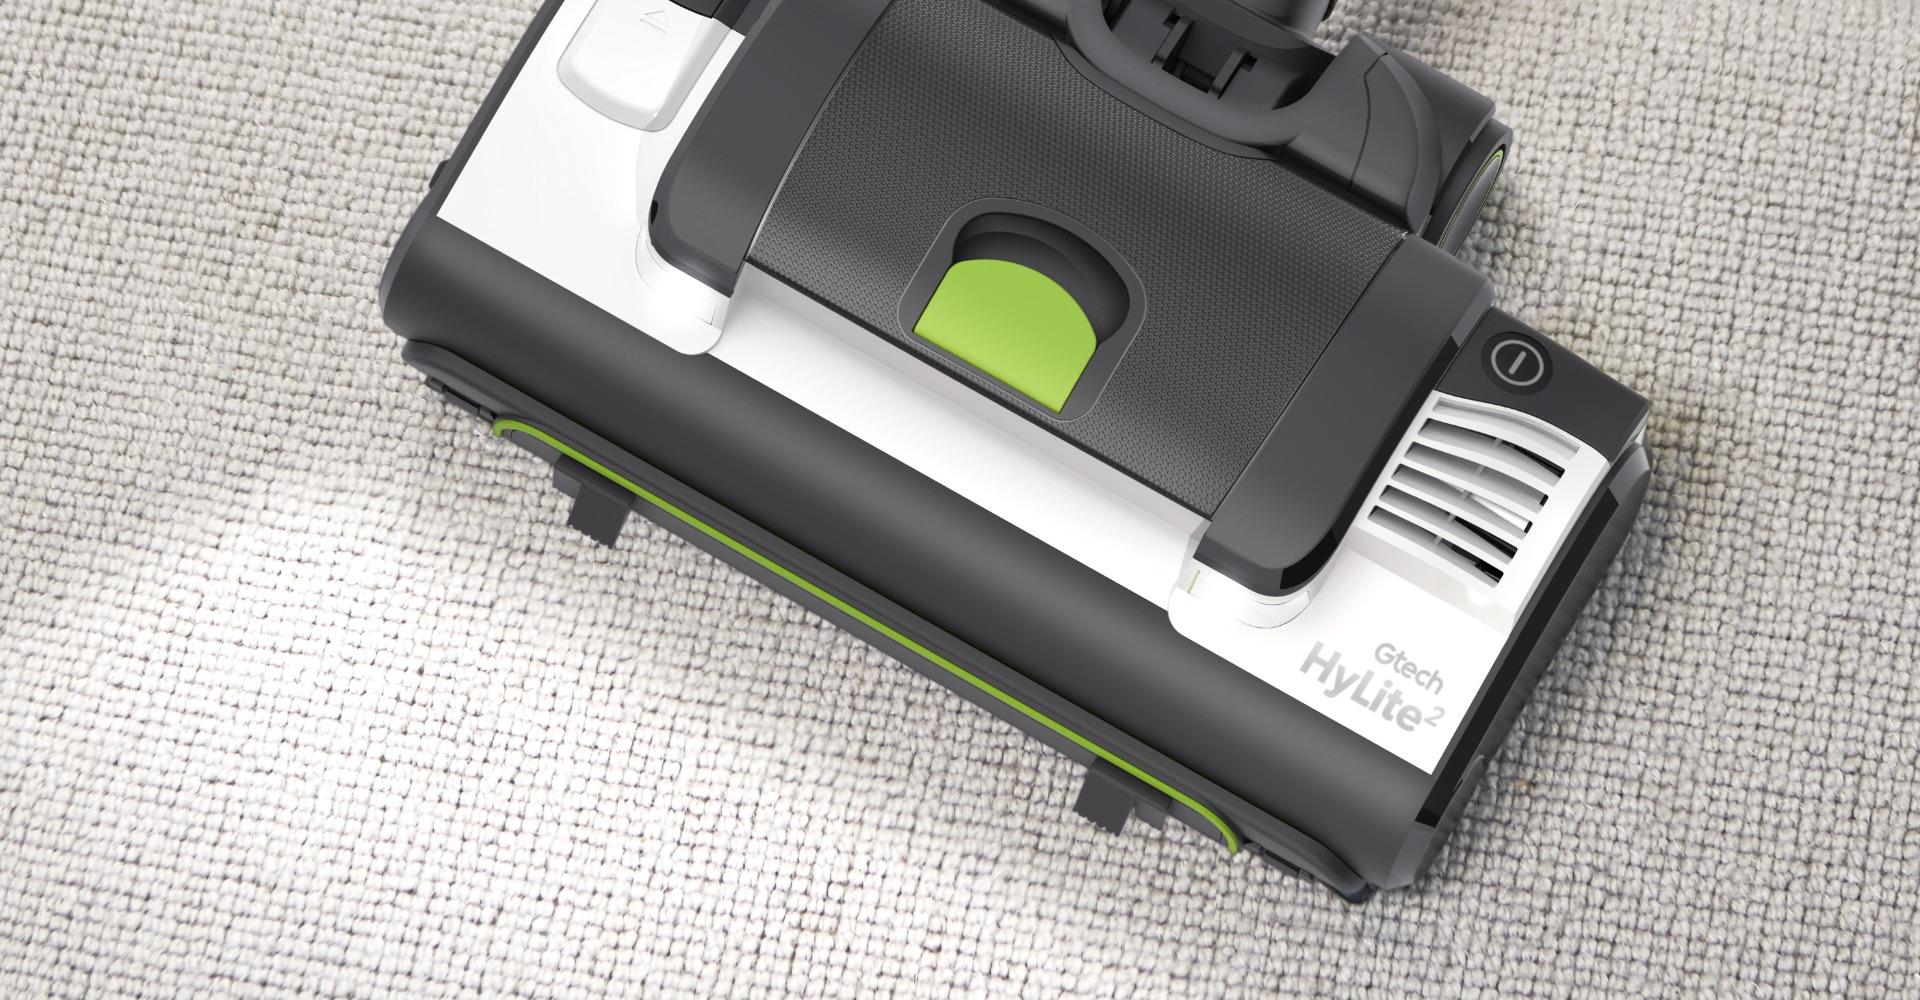 HyLite 2 mini vacuum cleaner